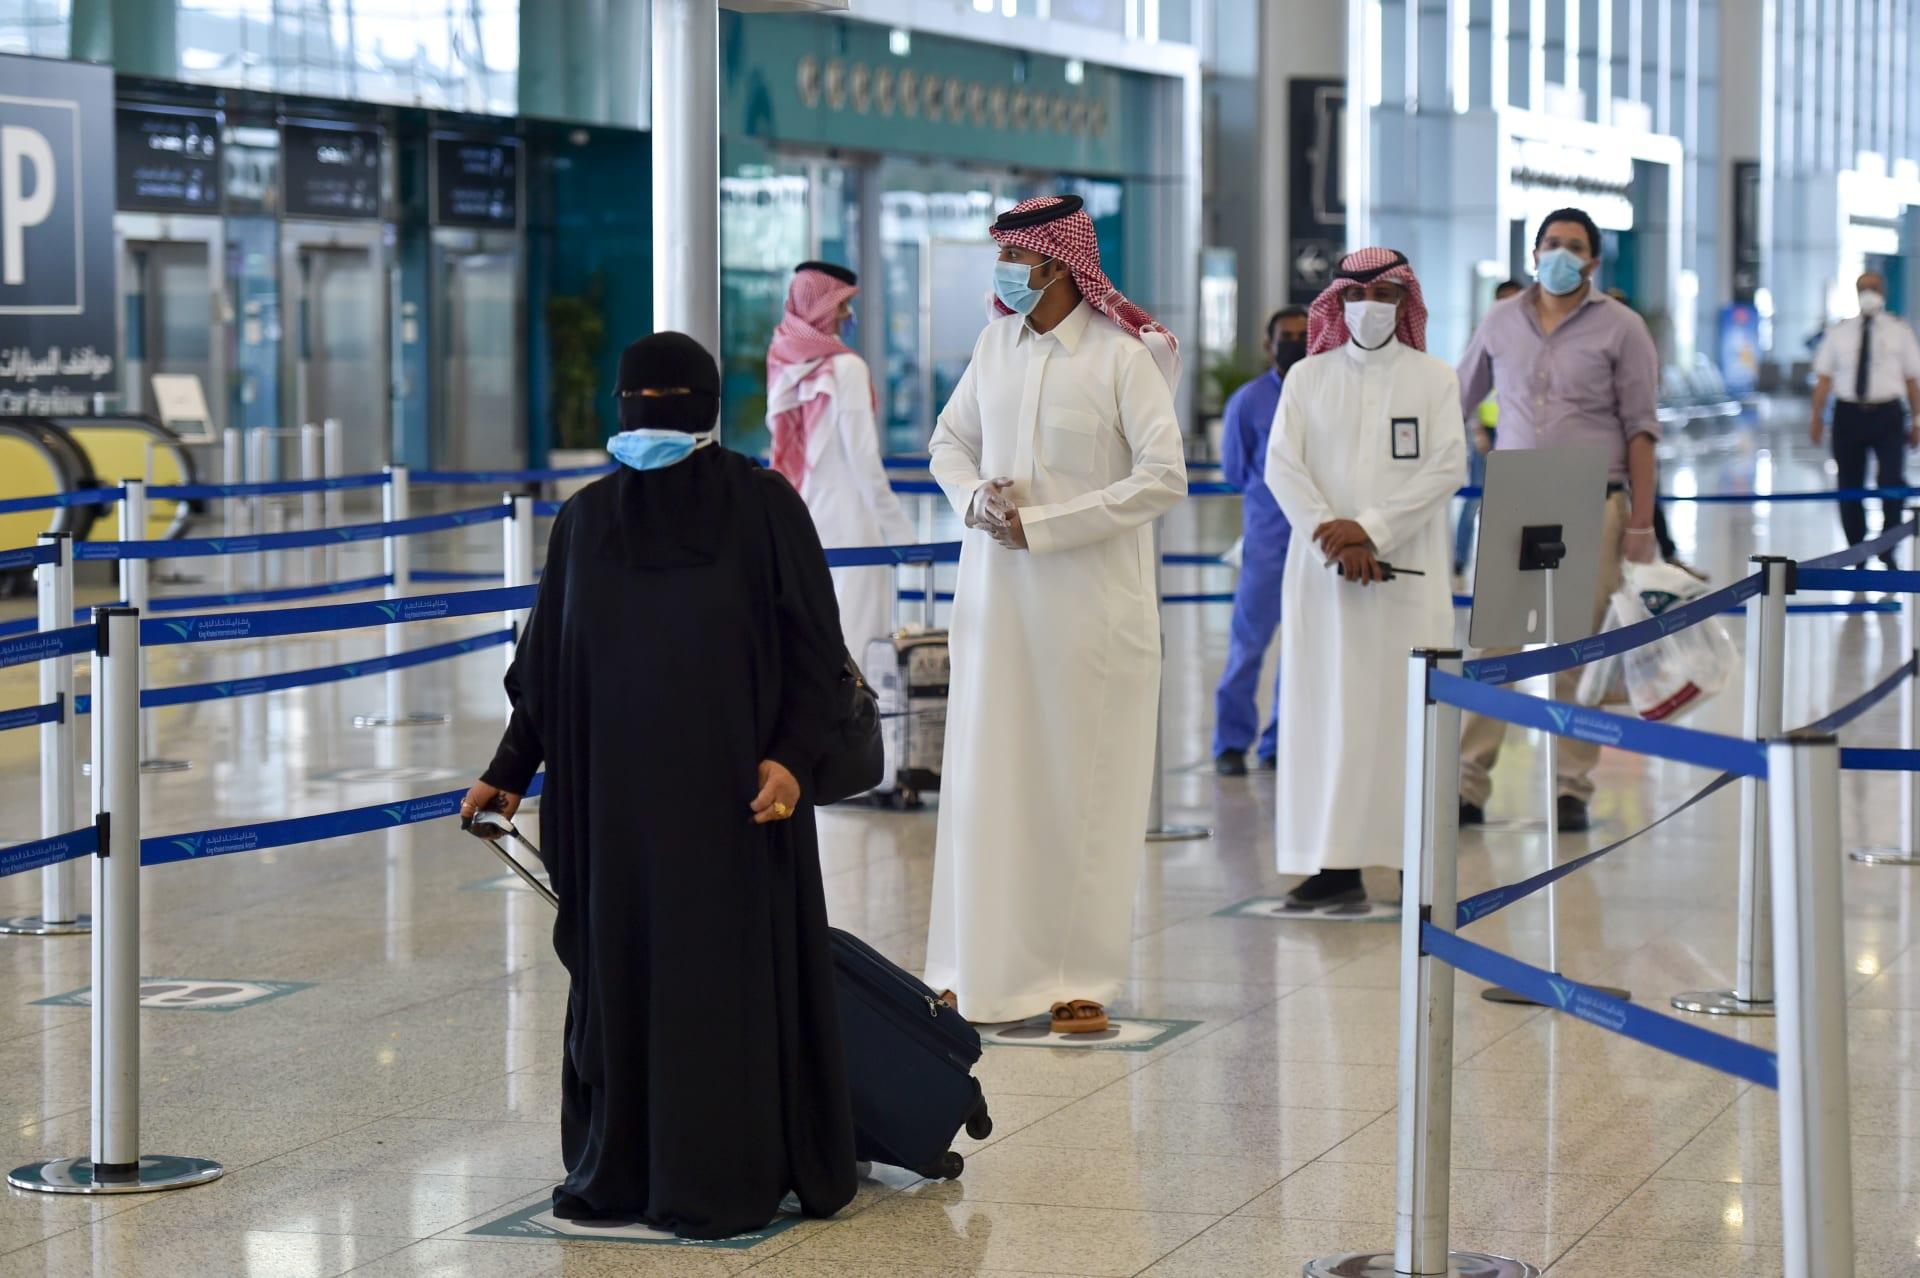 صورة ارشيفية من مطار الملك فهد بالسعودية